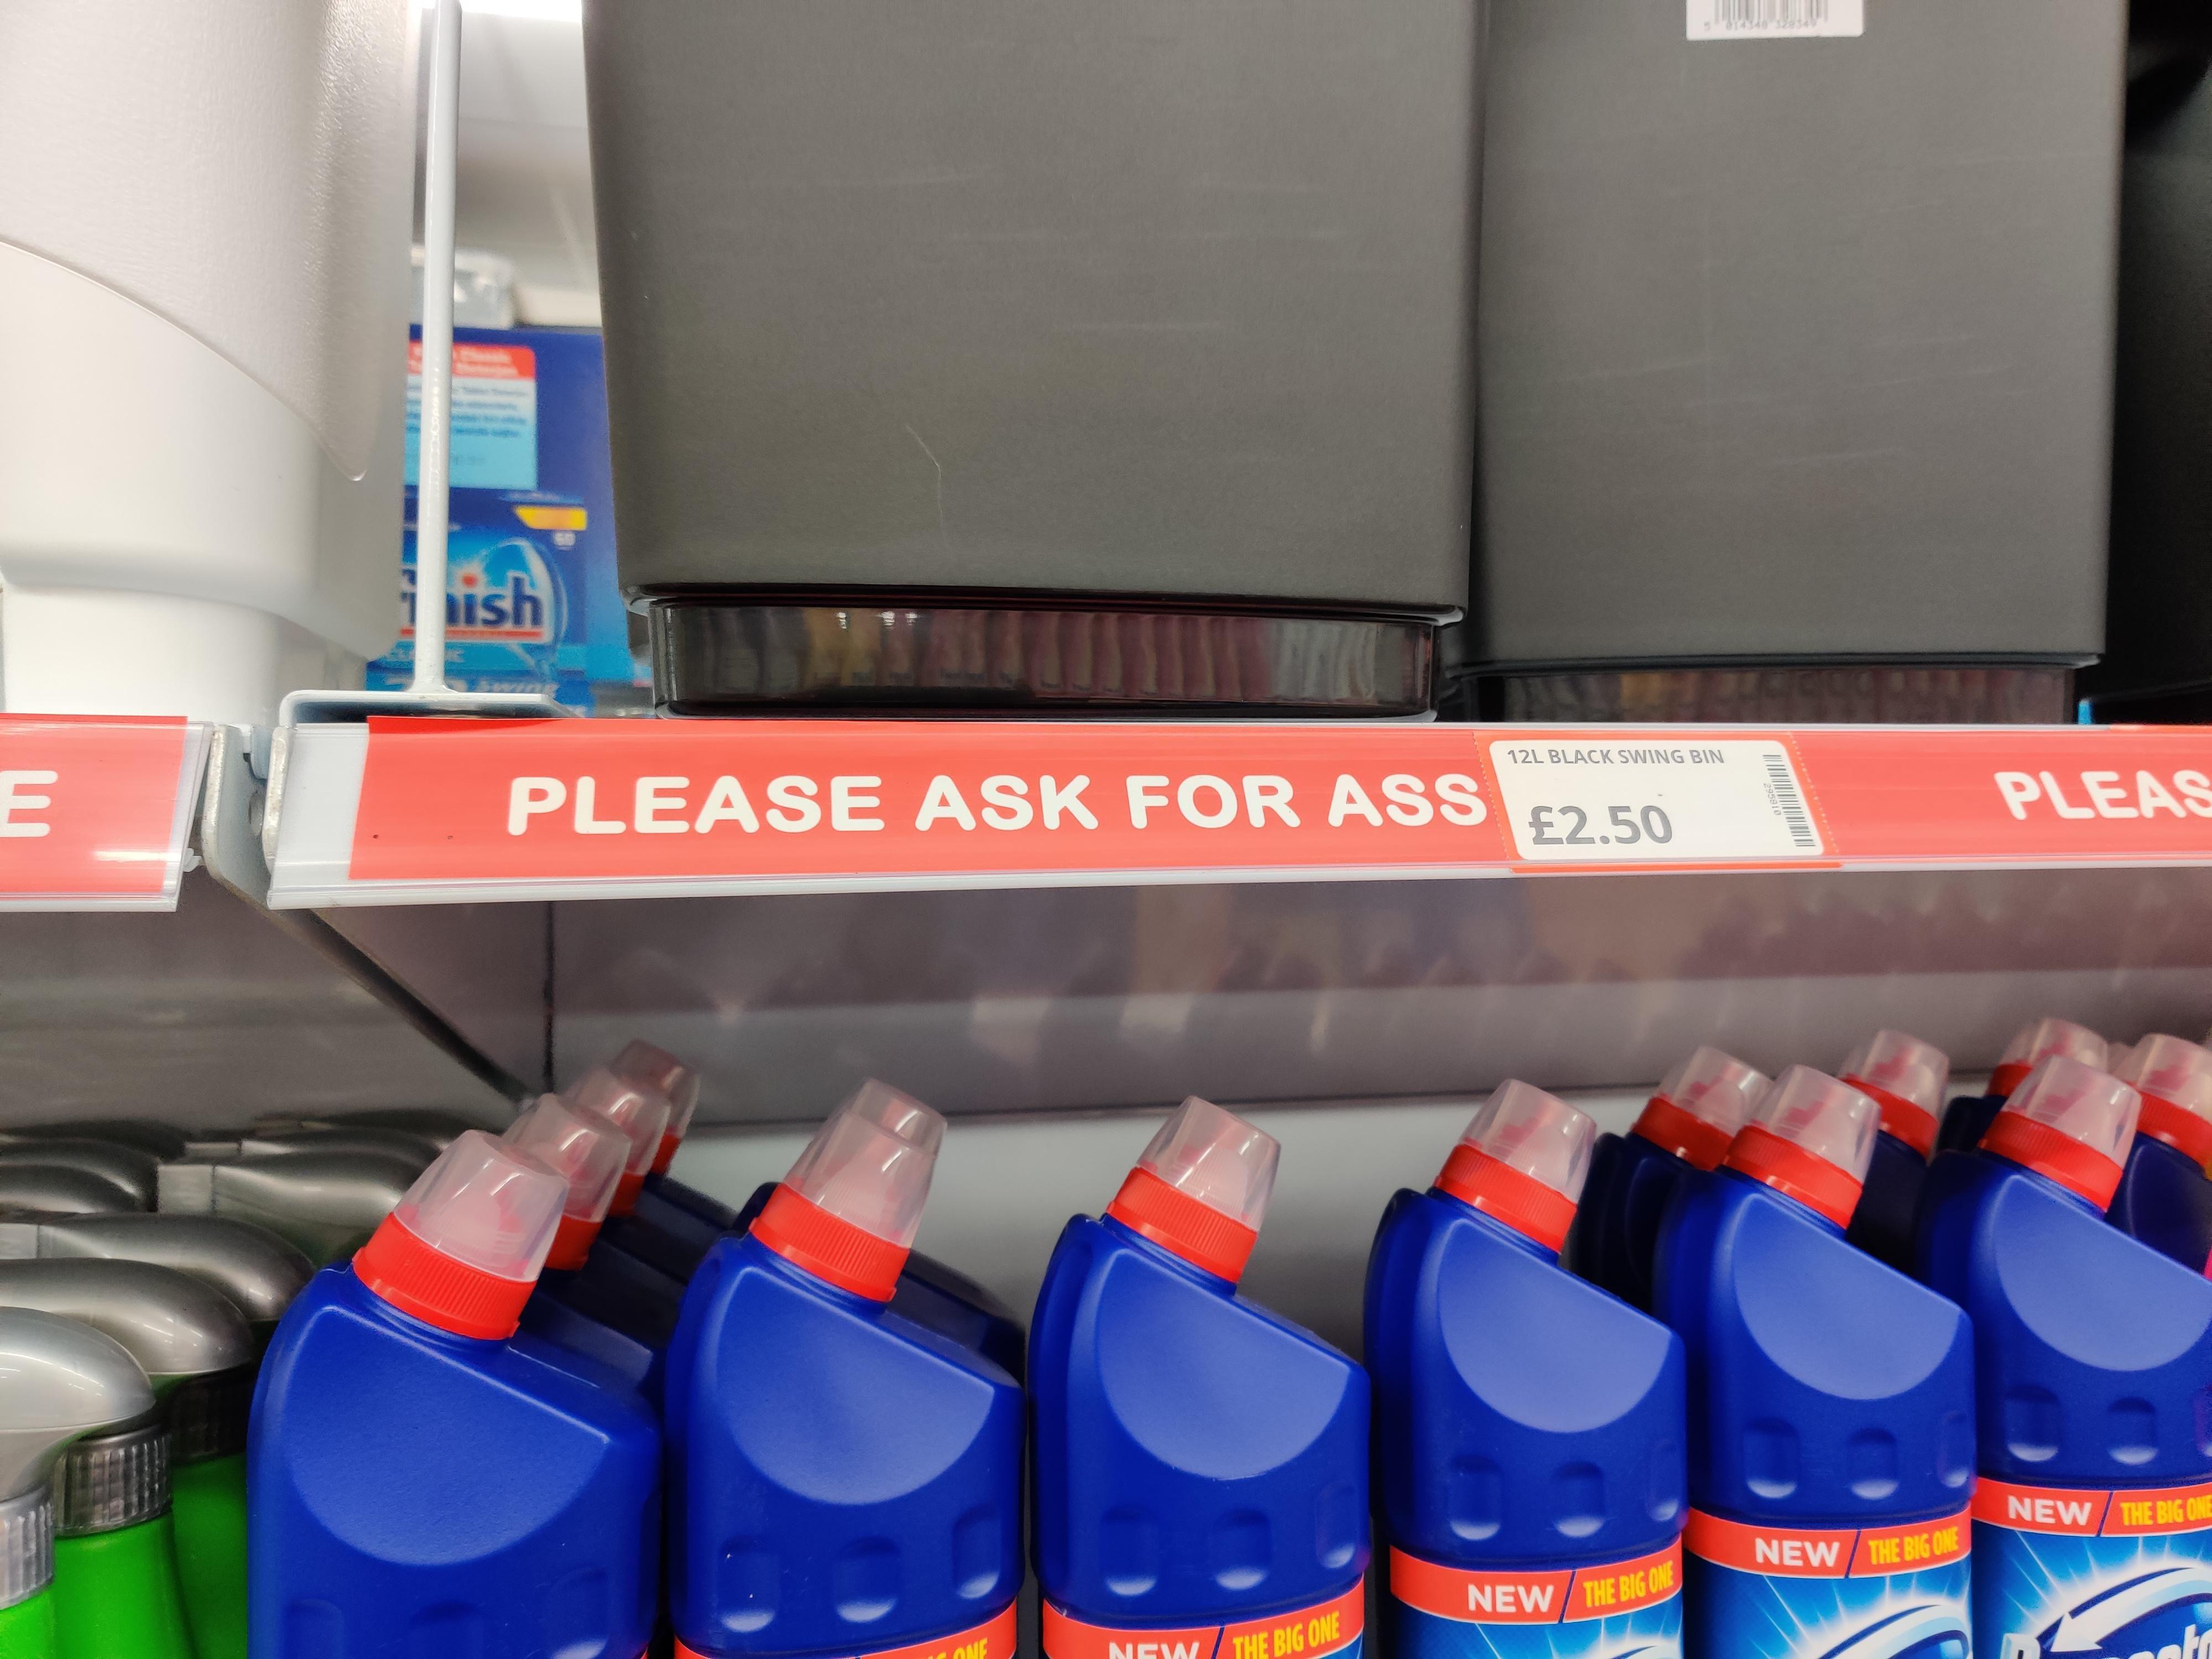 Don't mind if I do...